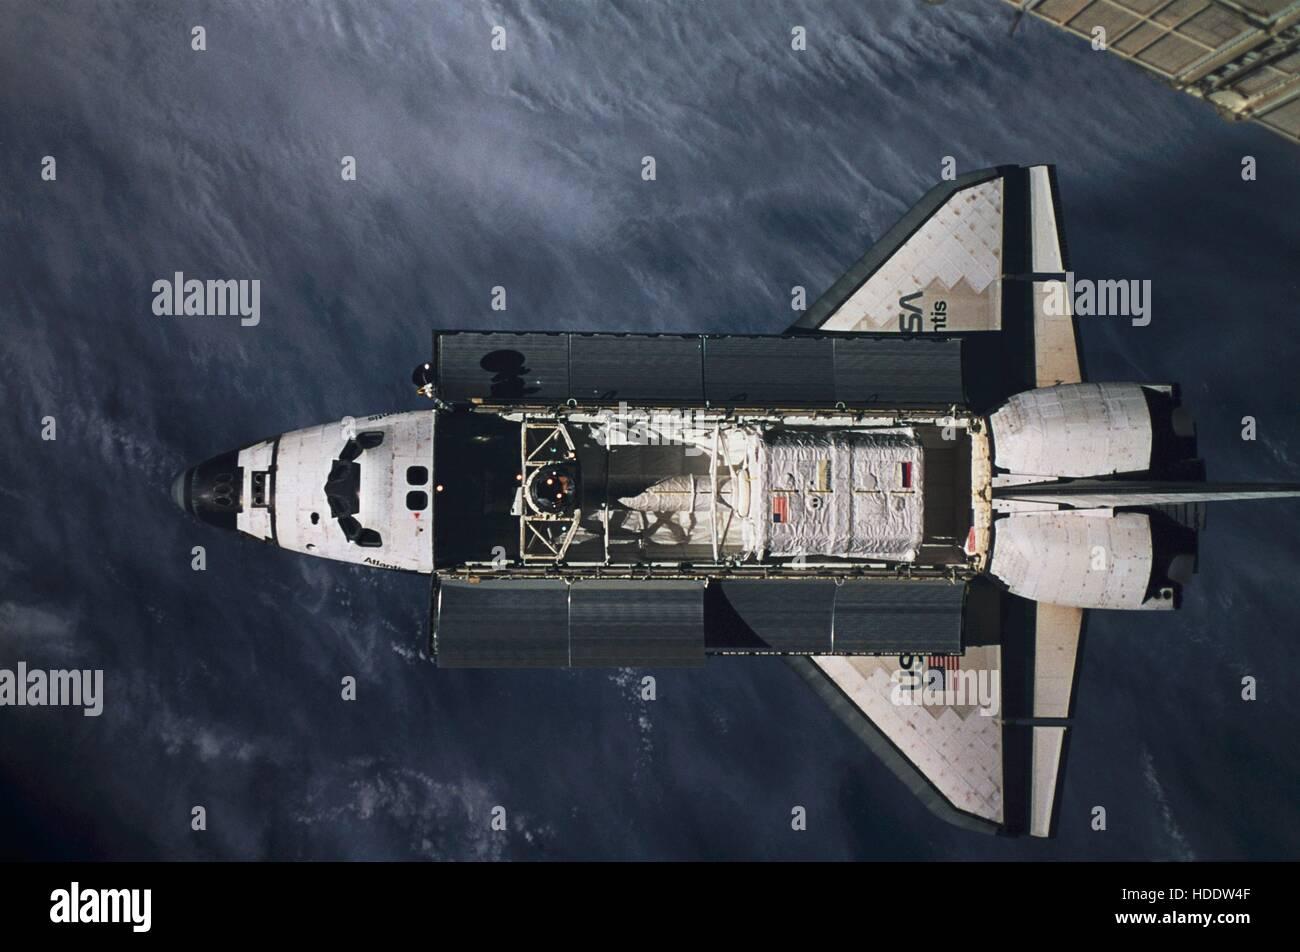 space shuttle orbiter atlantis - photo #37